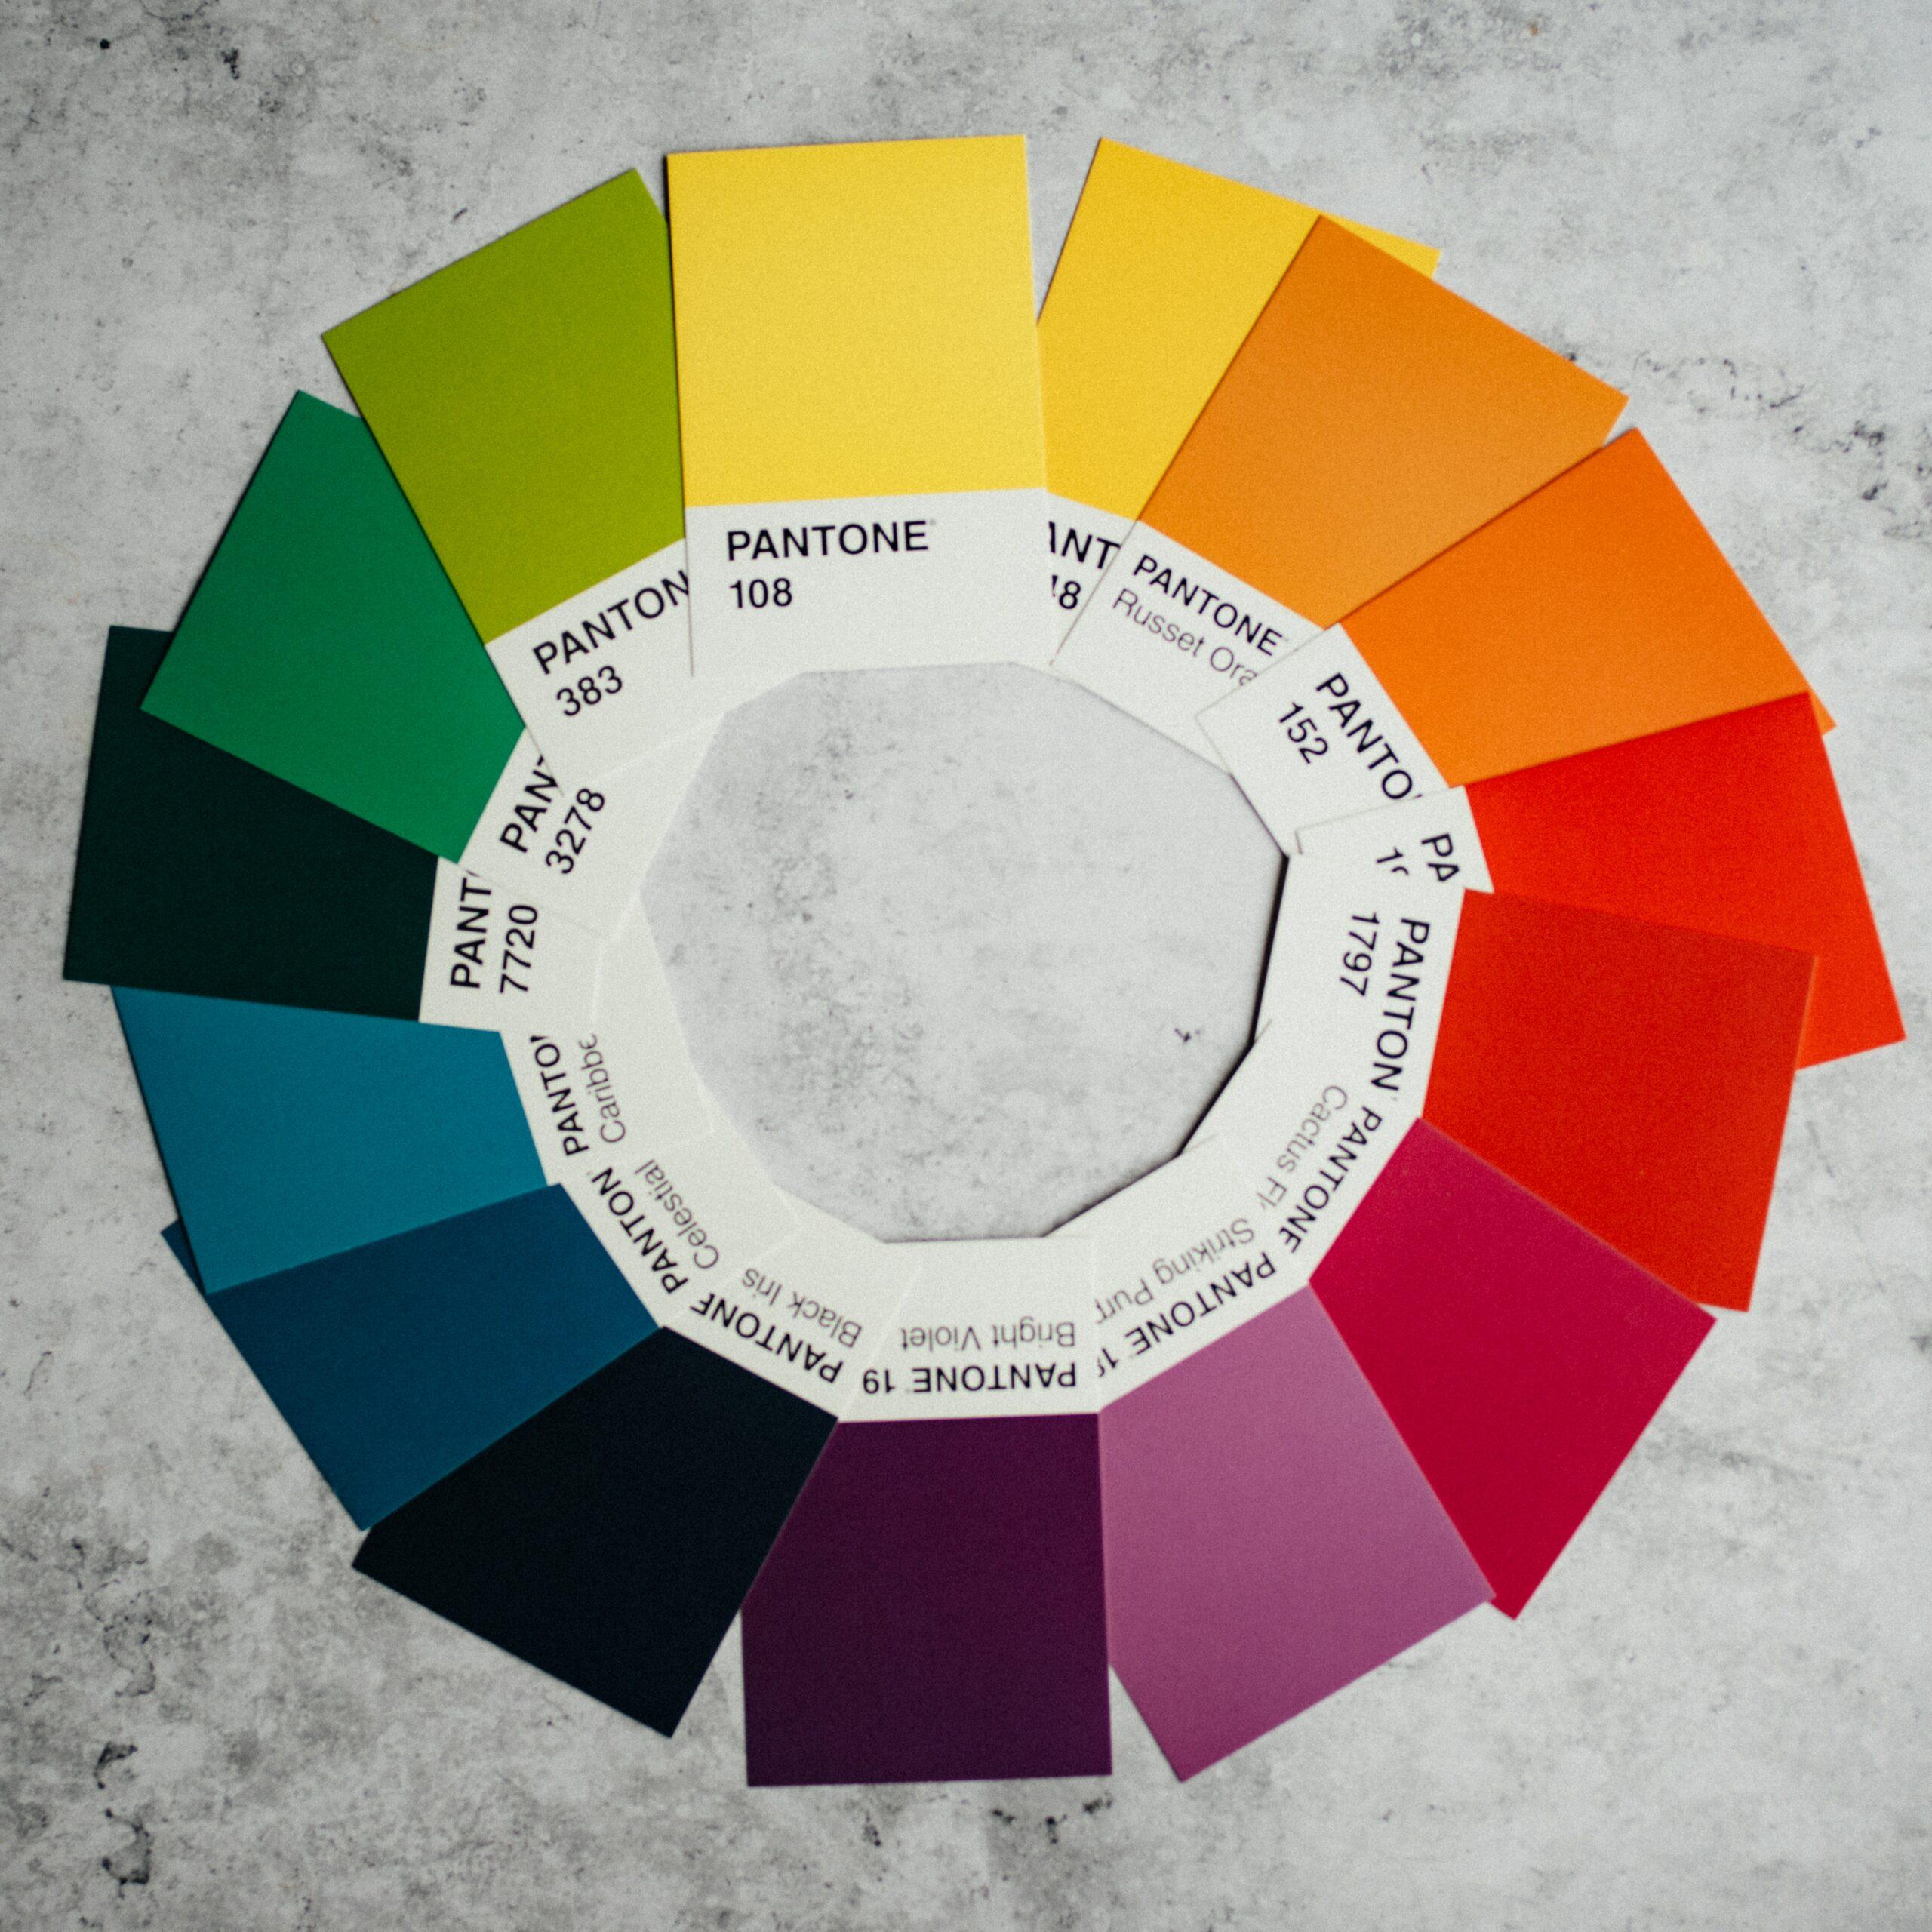 Как воспринимаются цвета использующиеся в дизайне блогов